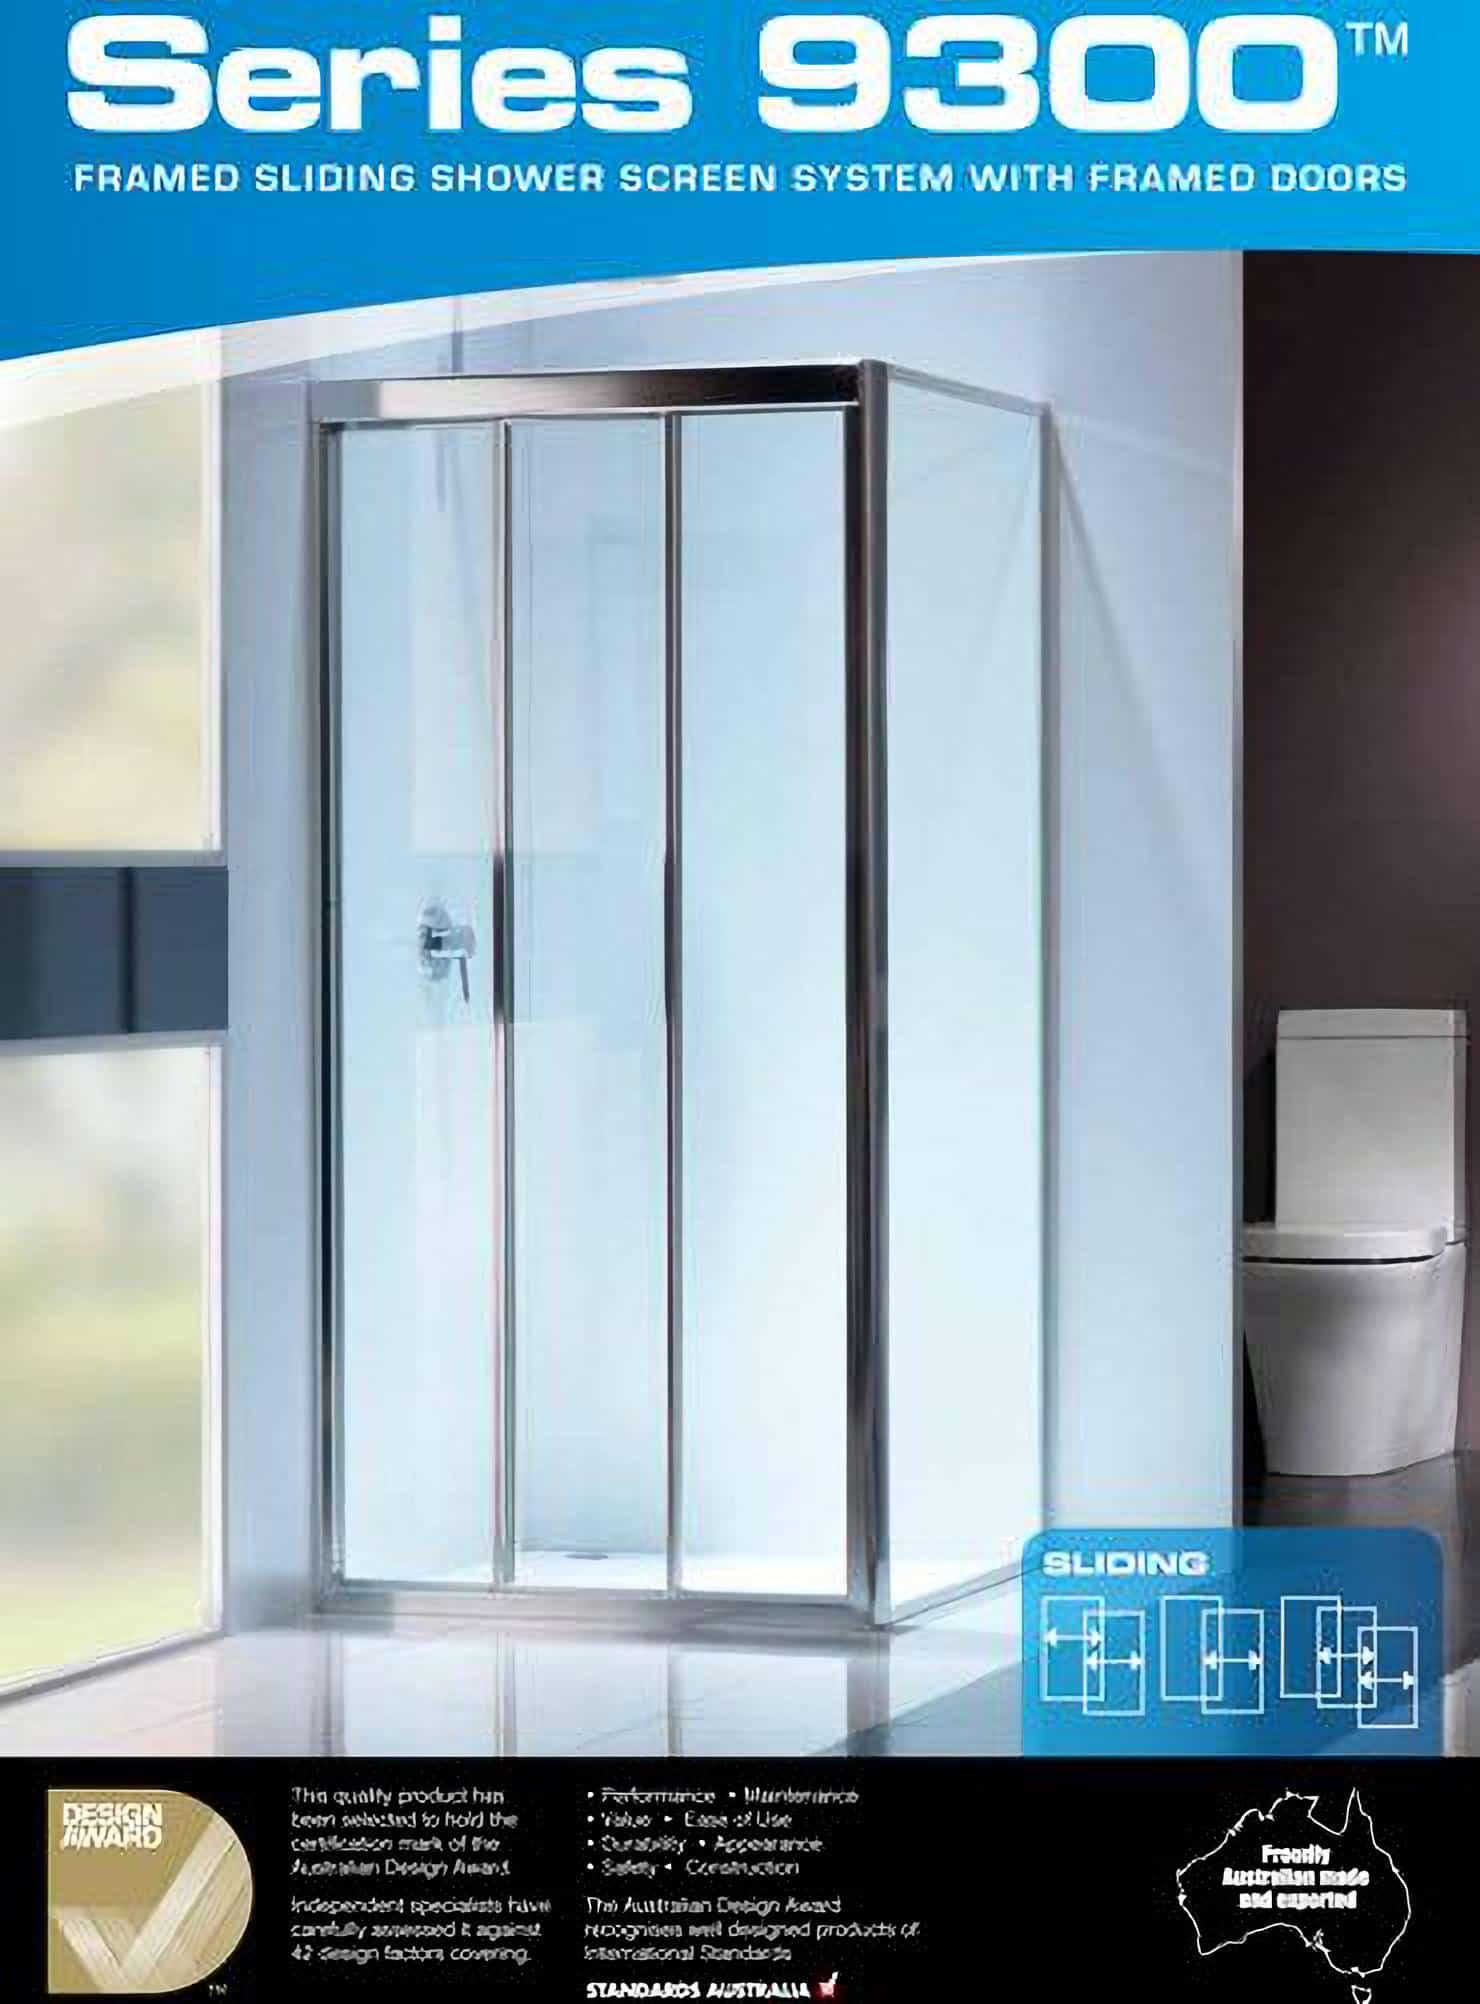 series 9300 framed sliding shower screen